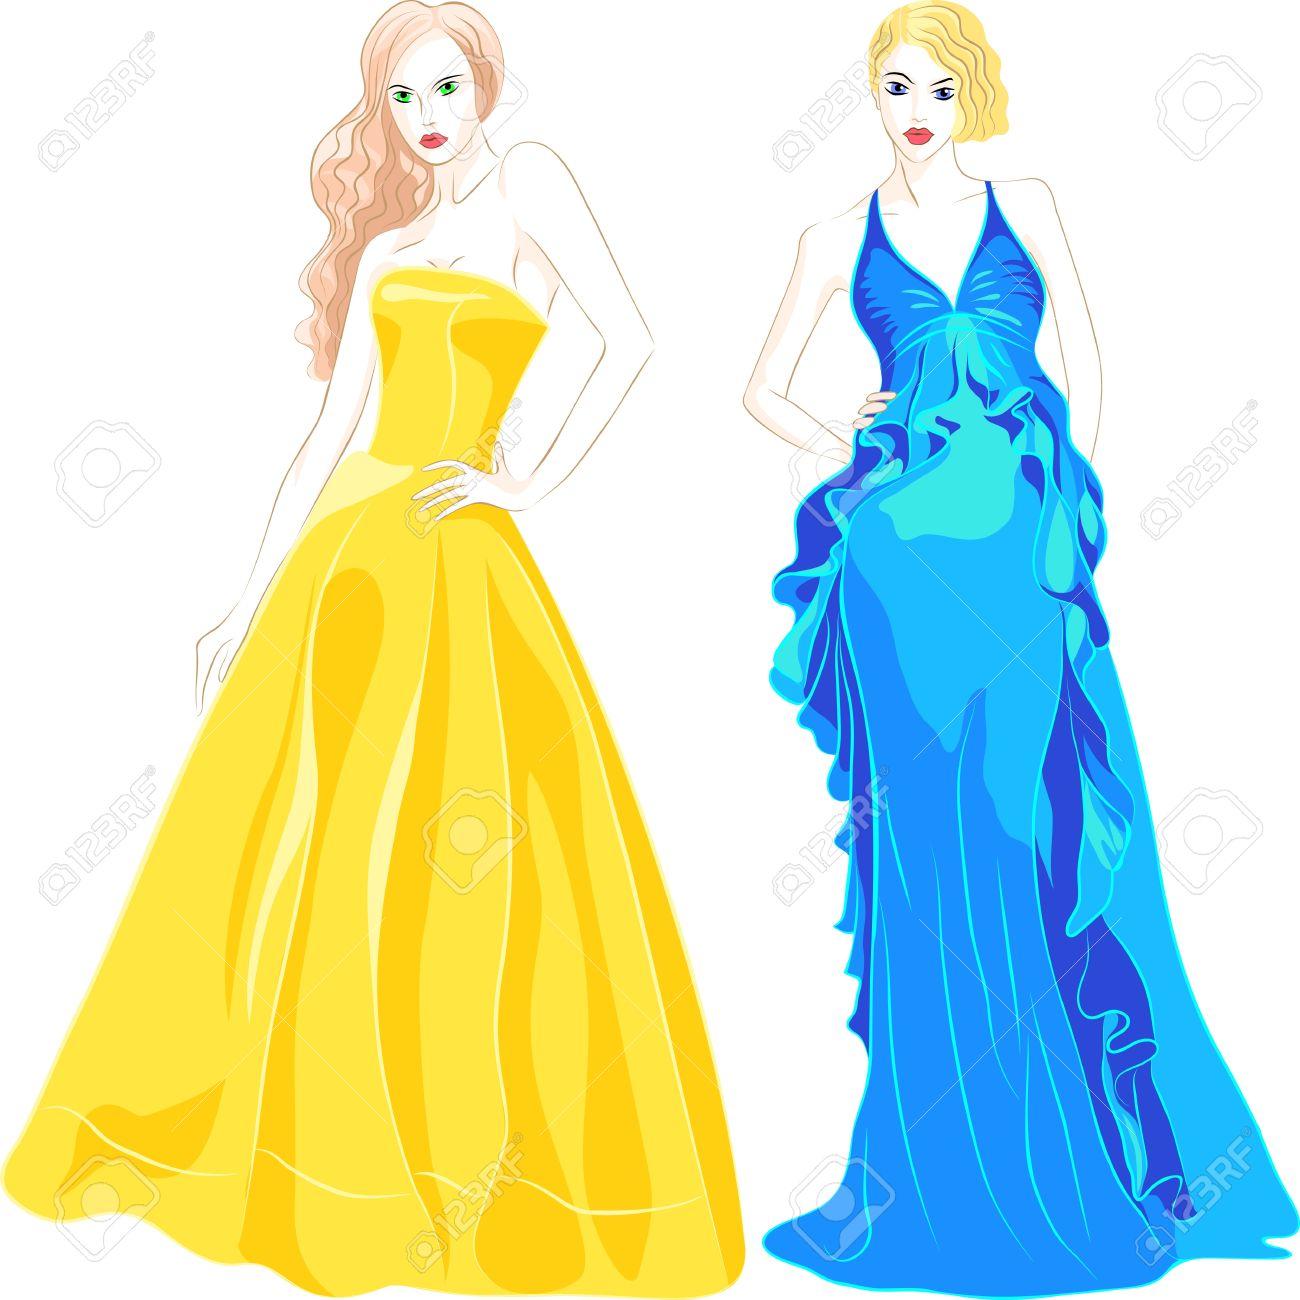 Mode Avondjurken.Mooie Jonge Meisjes Met Lang Haar In Een Mode Avondjurken Blauw En